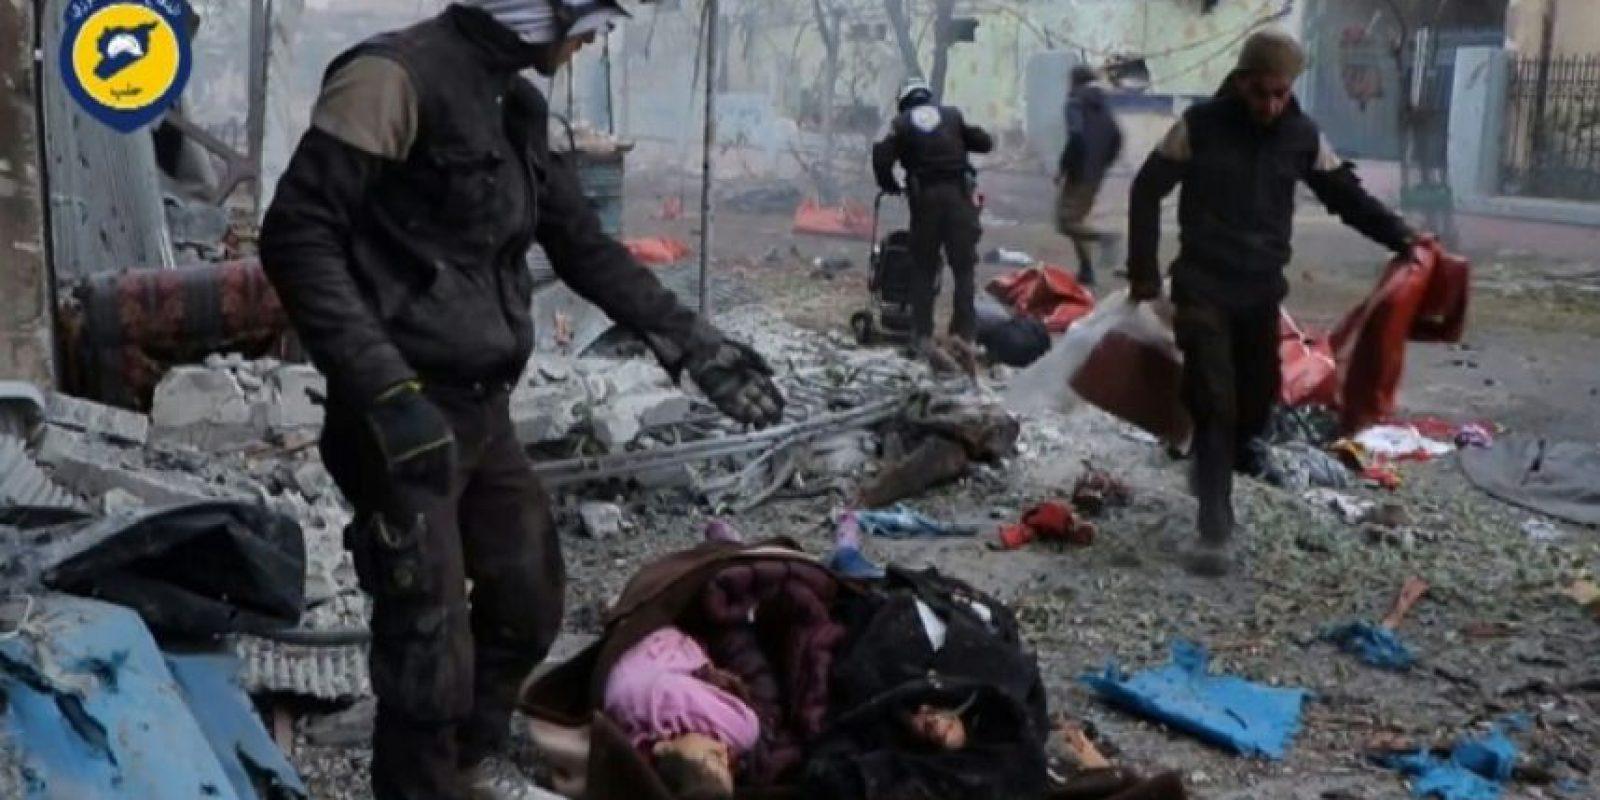 Cascos blancos cubren cadáveres en una calle del barrio de Jub al Qubeh de Alepo tras un ataque de artillería gubernamental, en una imagen de un vídeo divulgado el 30 de noviembre por la Defensa Civil Siria. La AFP no ha podido verificarlo de modo independiente Foto:HO/afp.com